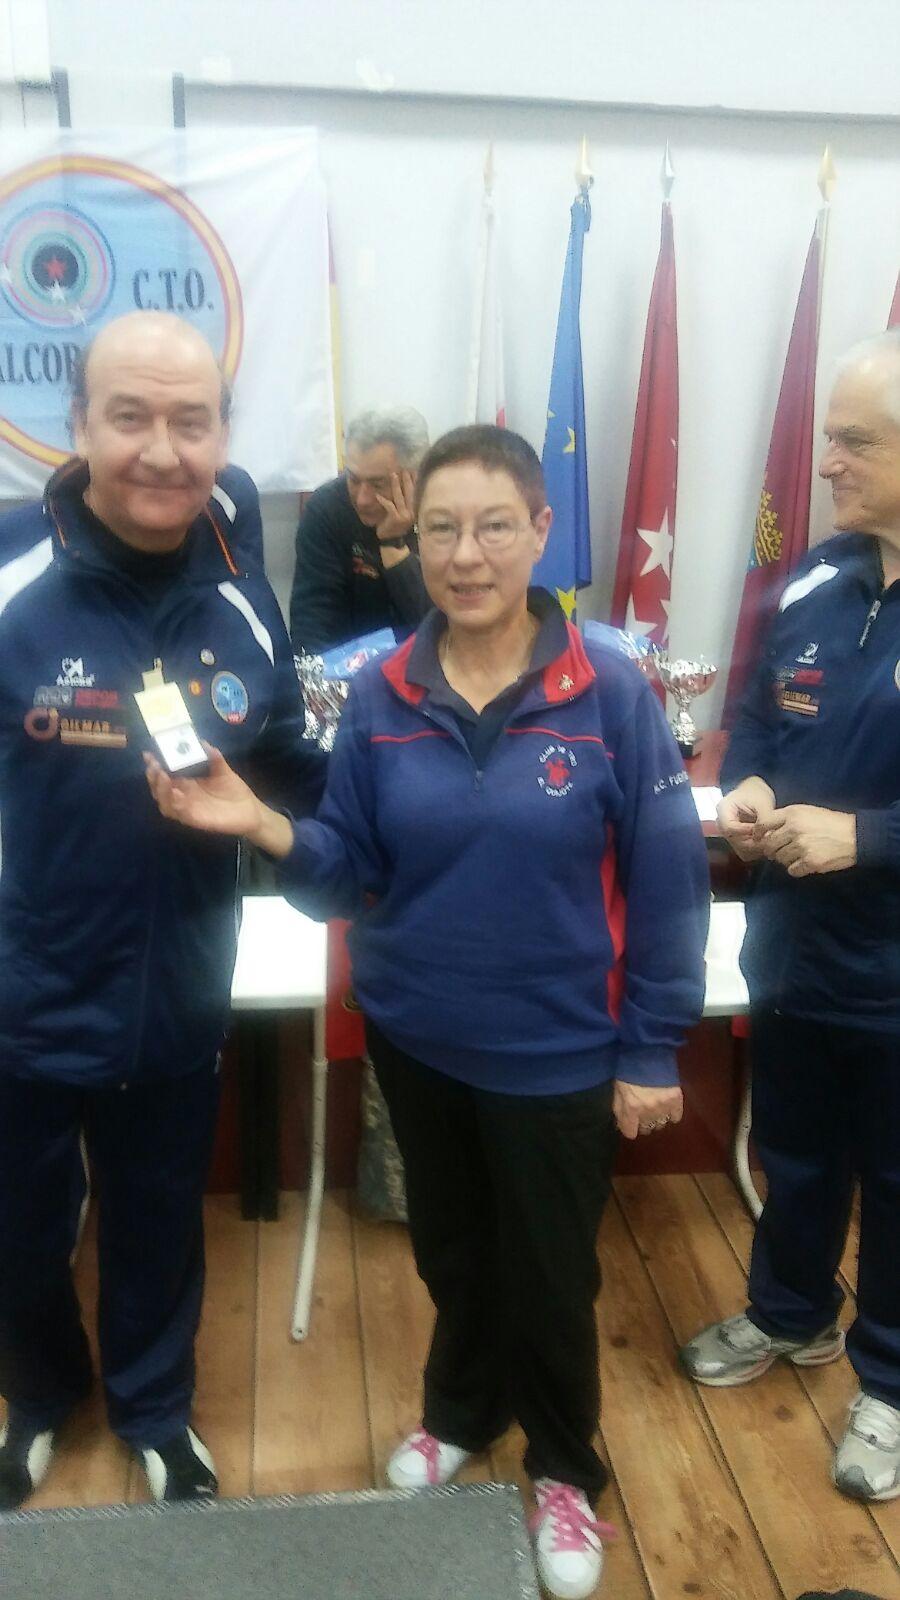 La presidenta recogiendo el pin del club Alcor de manos de Ignacio, presidente del club Alcor